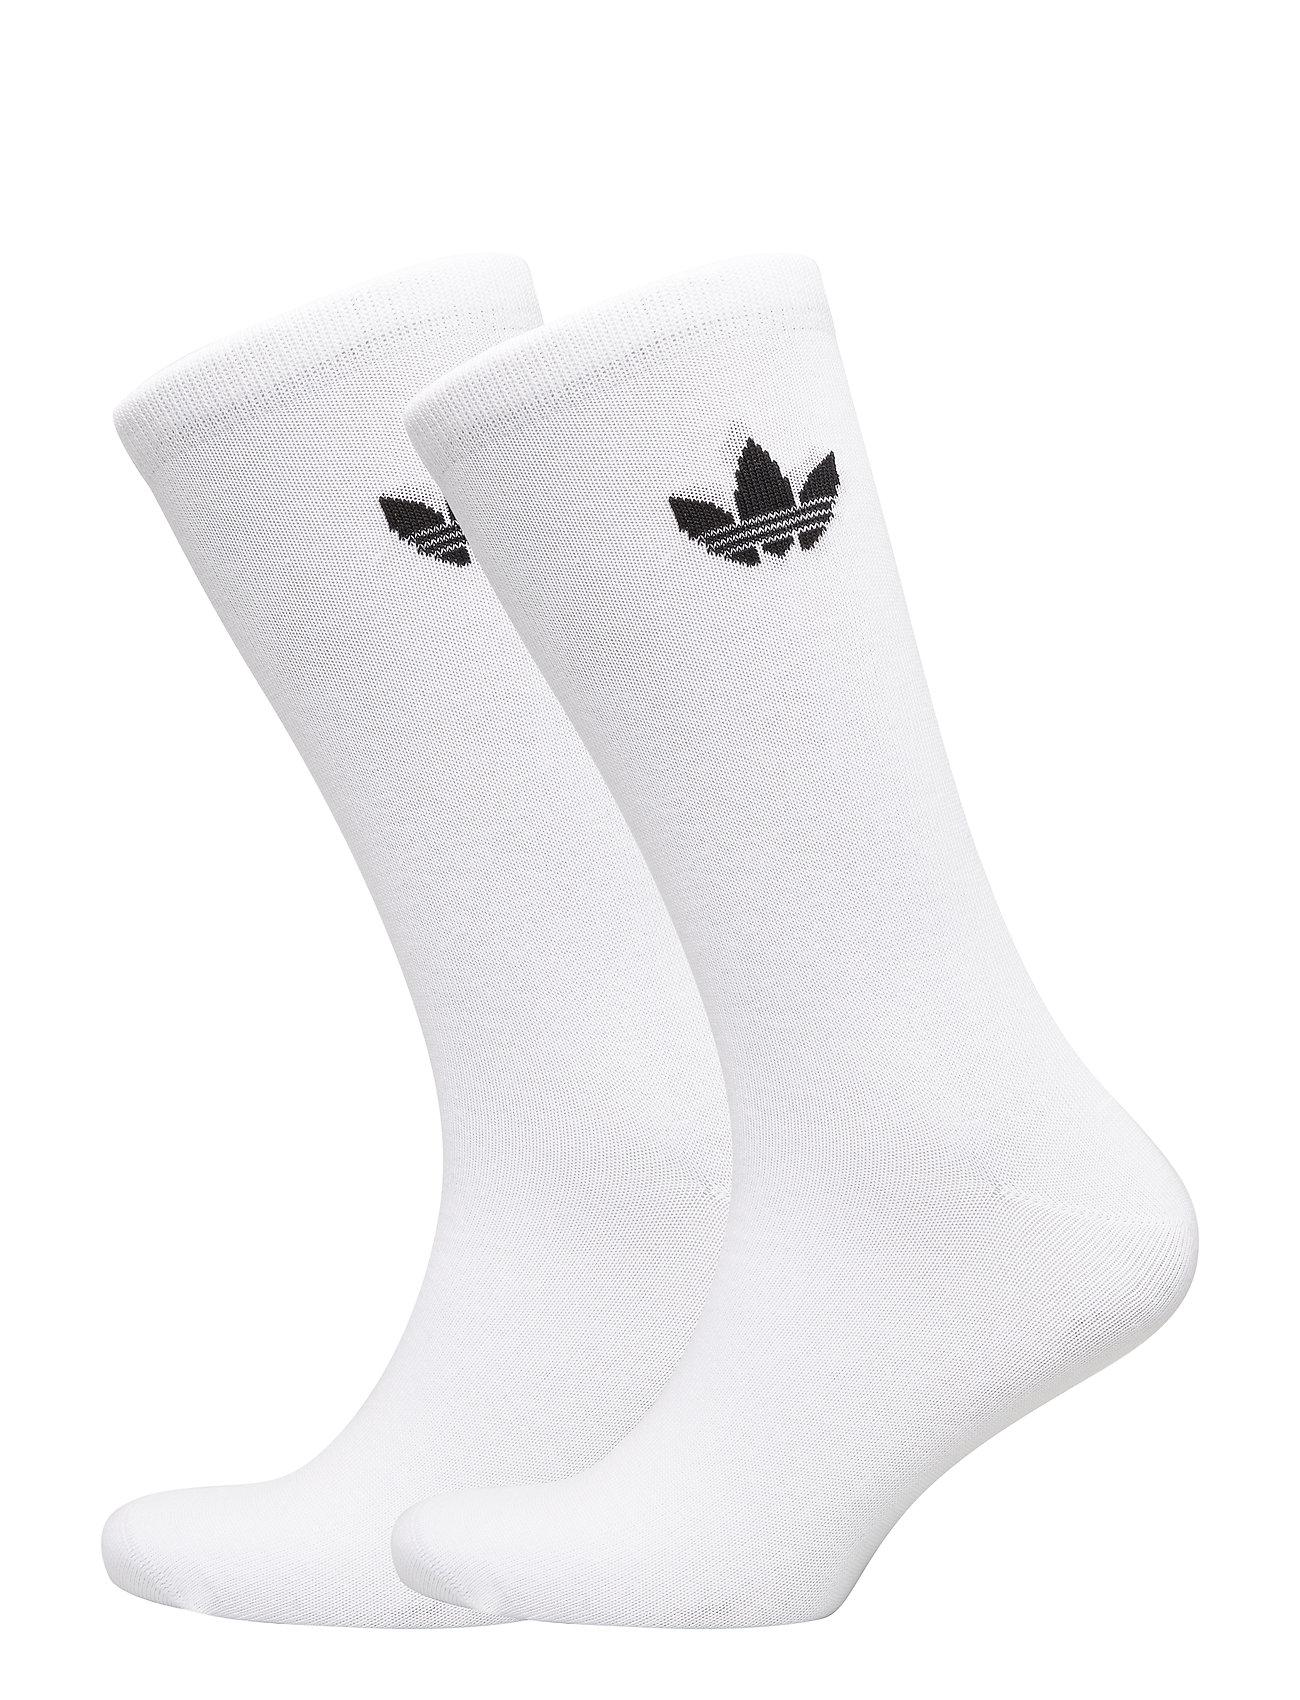 adidas Originals THIN TREF CREW - WHITE/BLACK